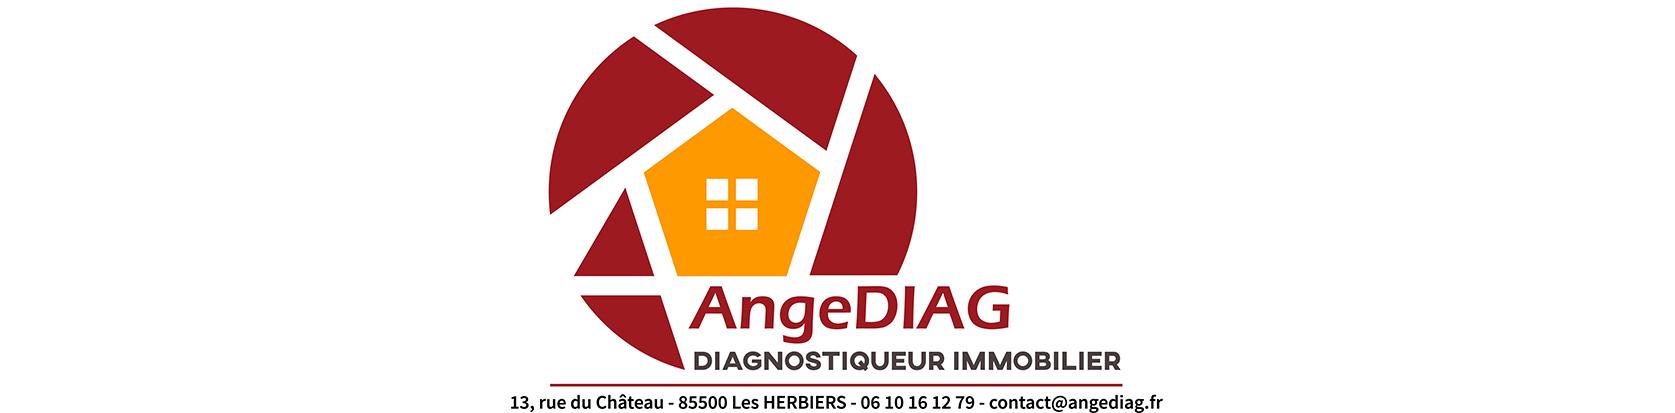 Angediag